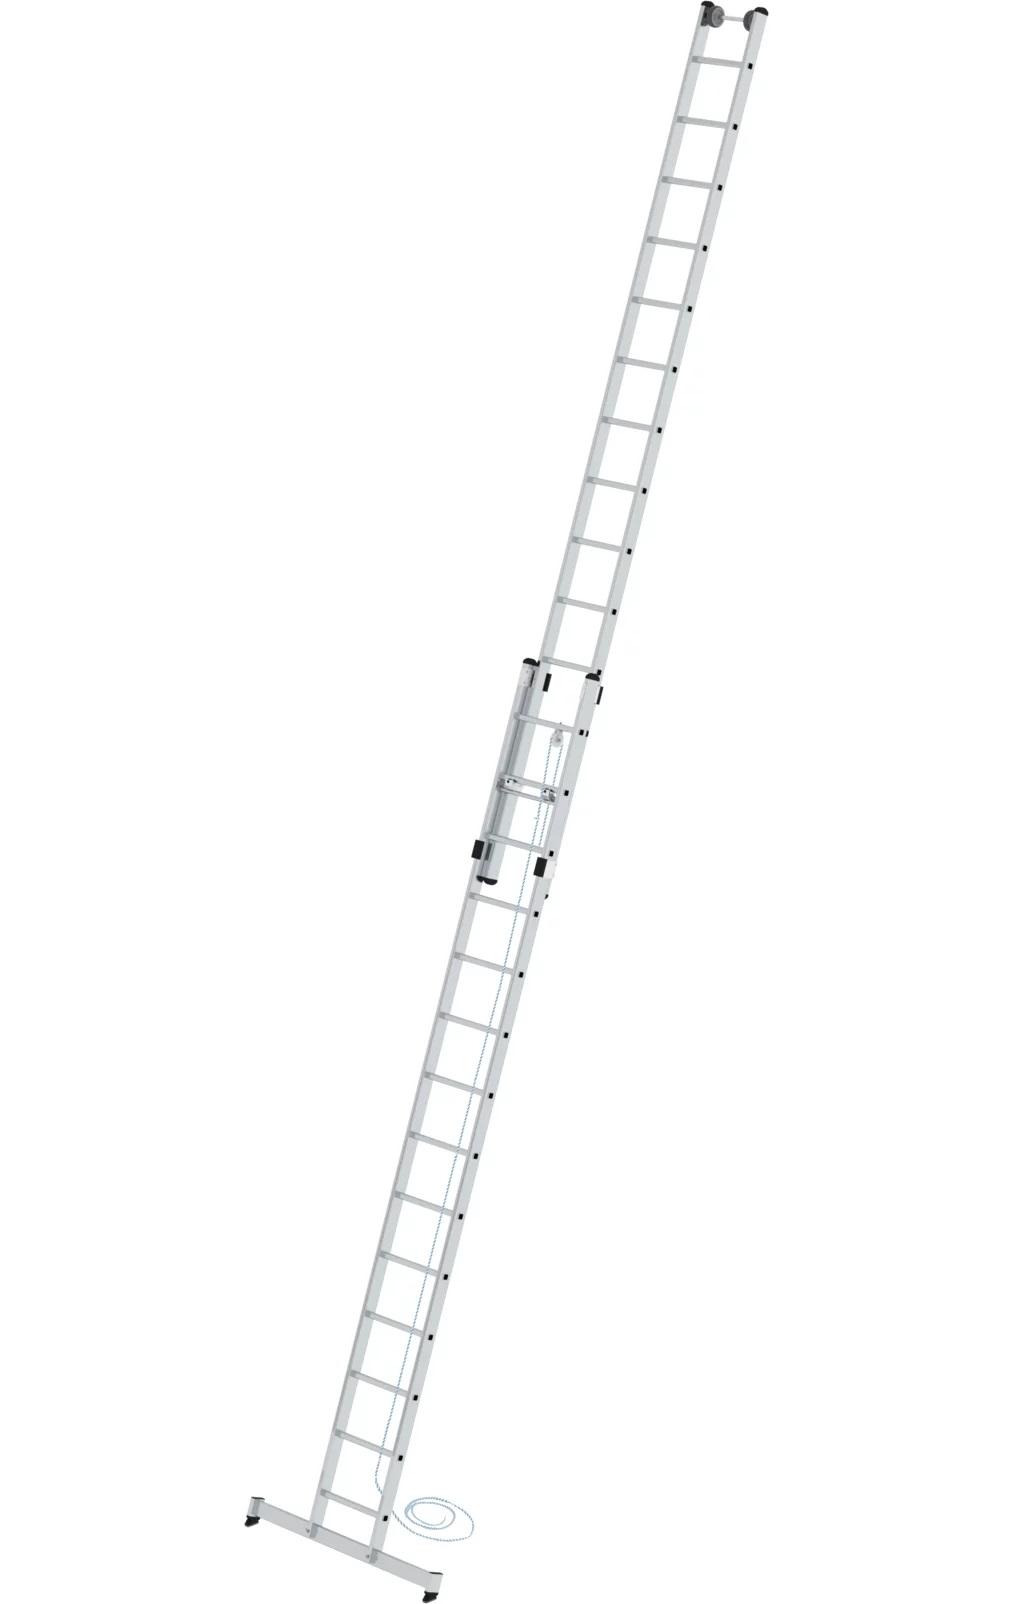 Tweedelige optrekladder, Nivello stabilisatiebalk, 2x14, 21314